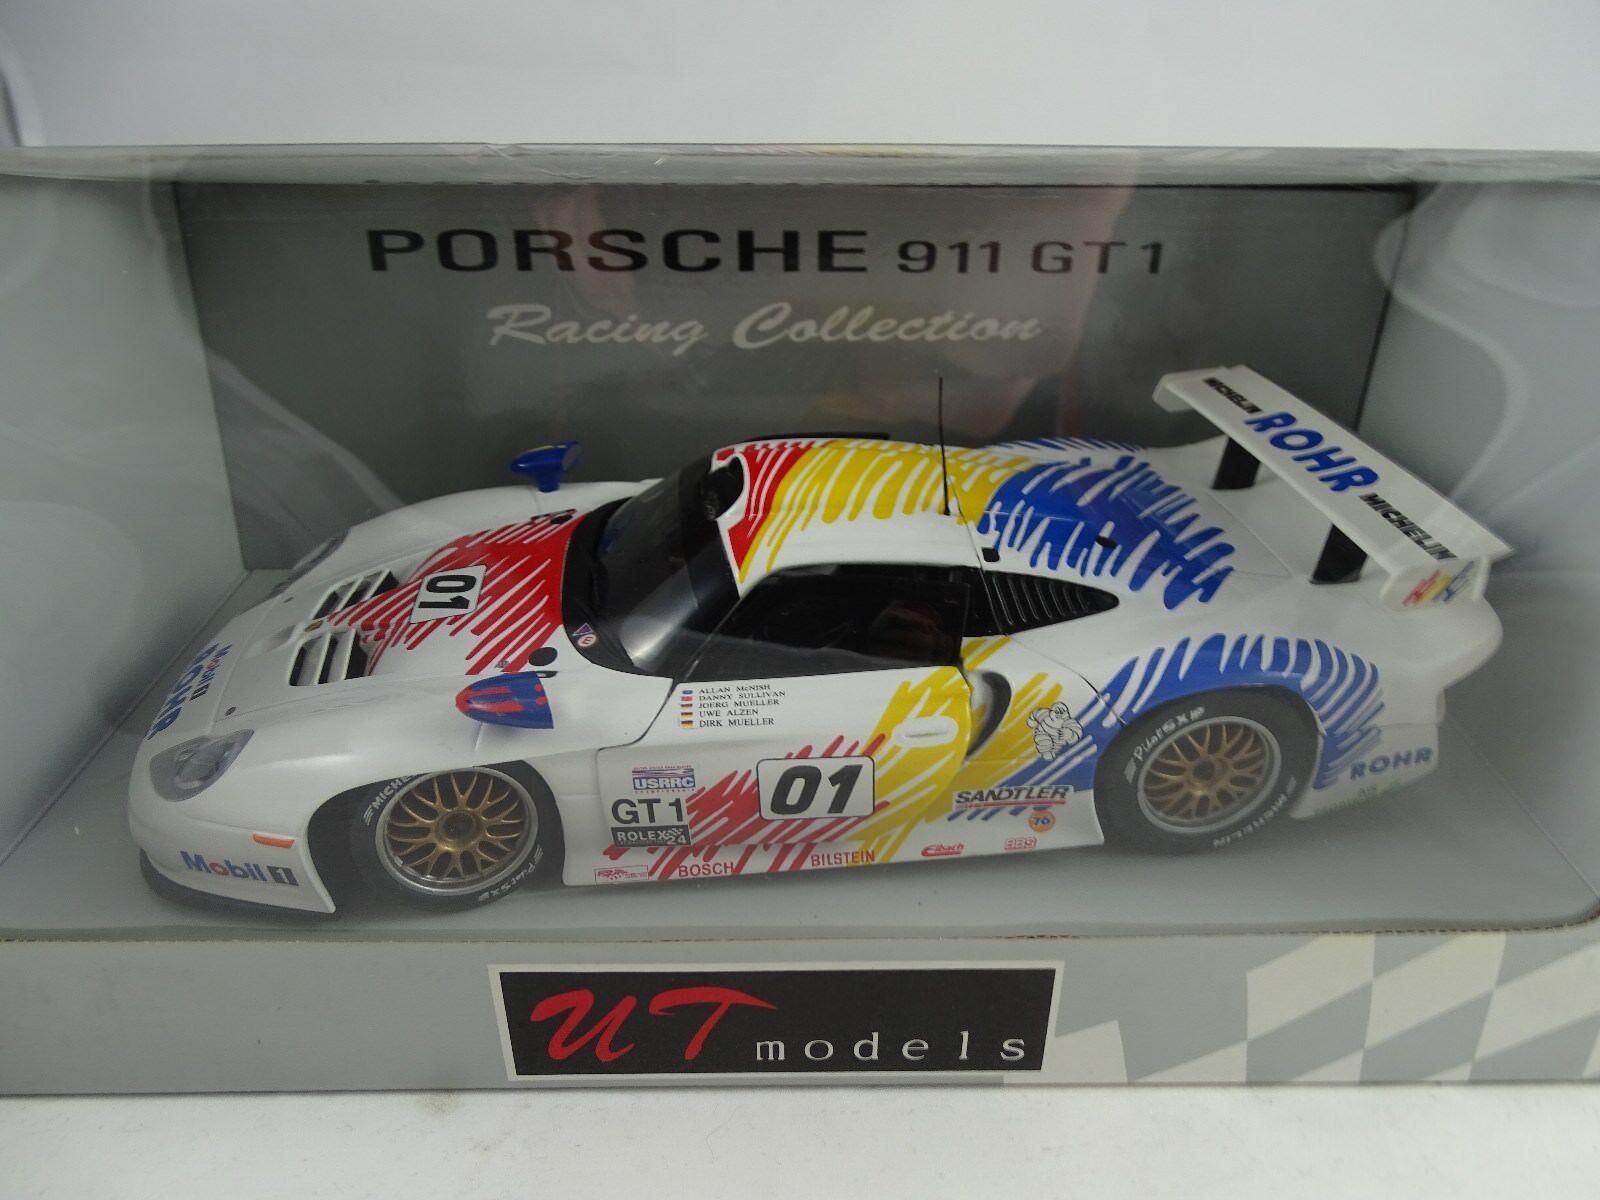 1 18 AUTOart   UT   39611 Porsche 911 GT1 Daytona Rohr MotorSport  1  RARITÄT §